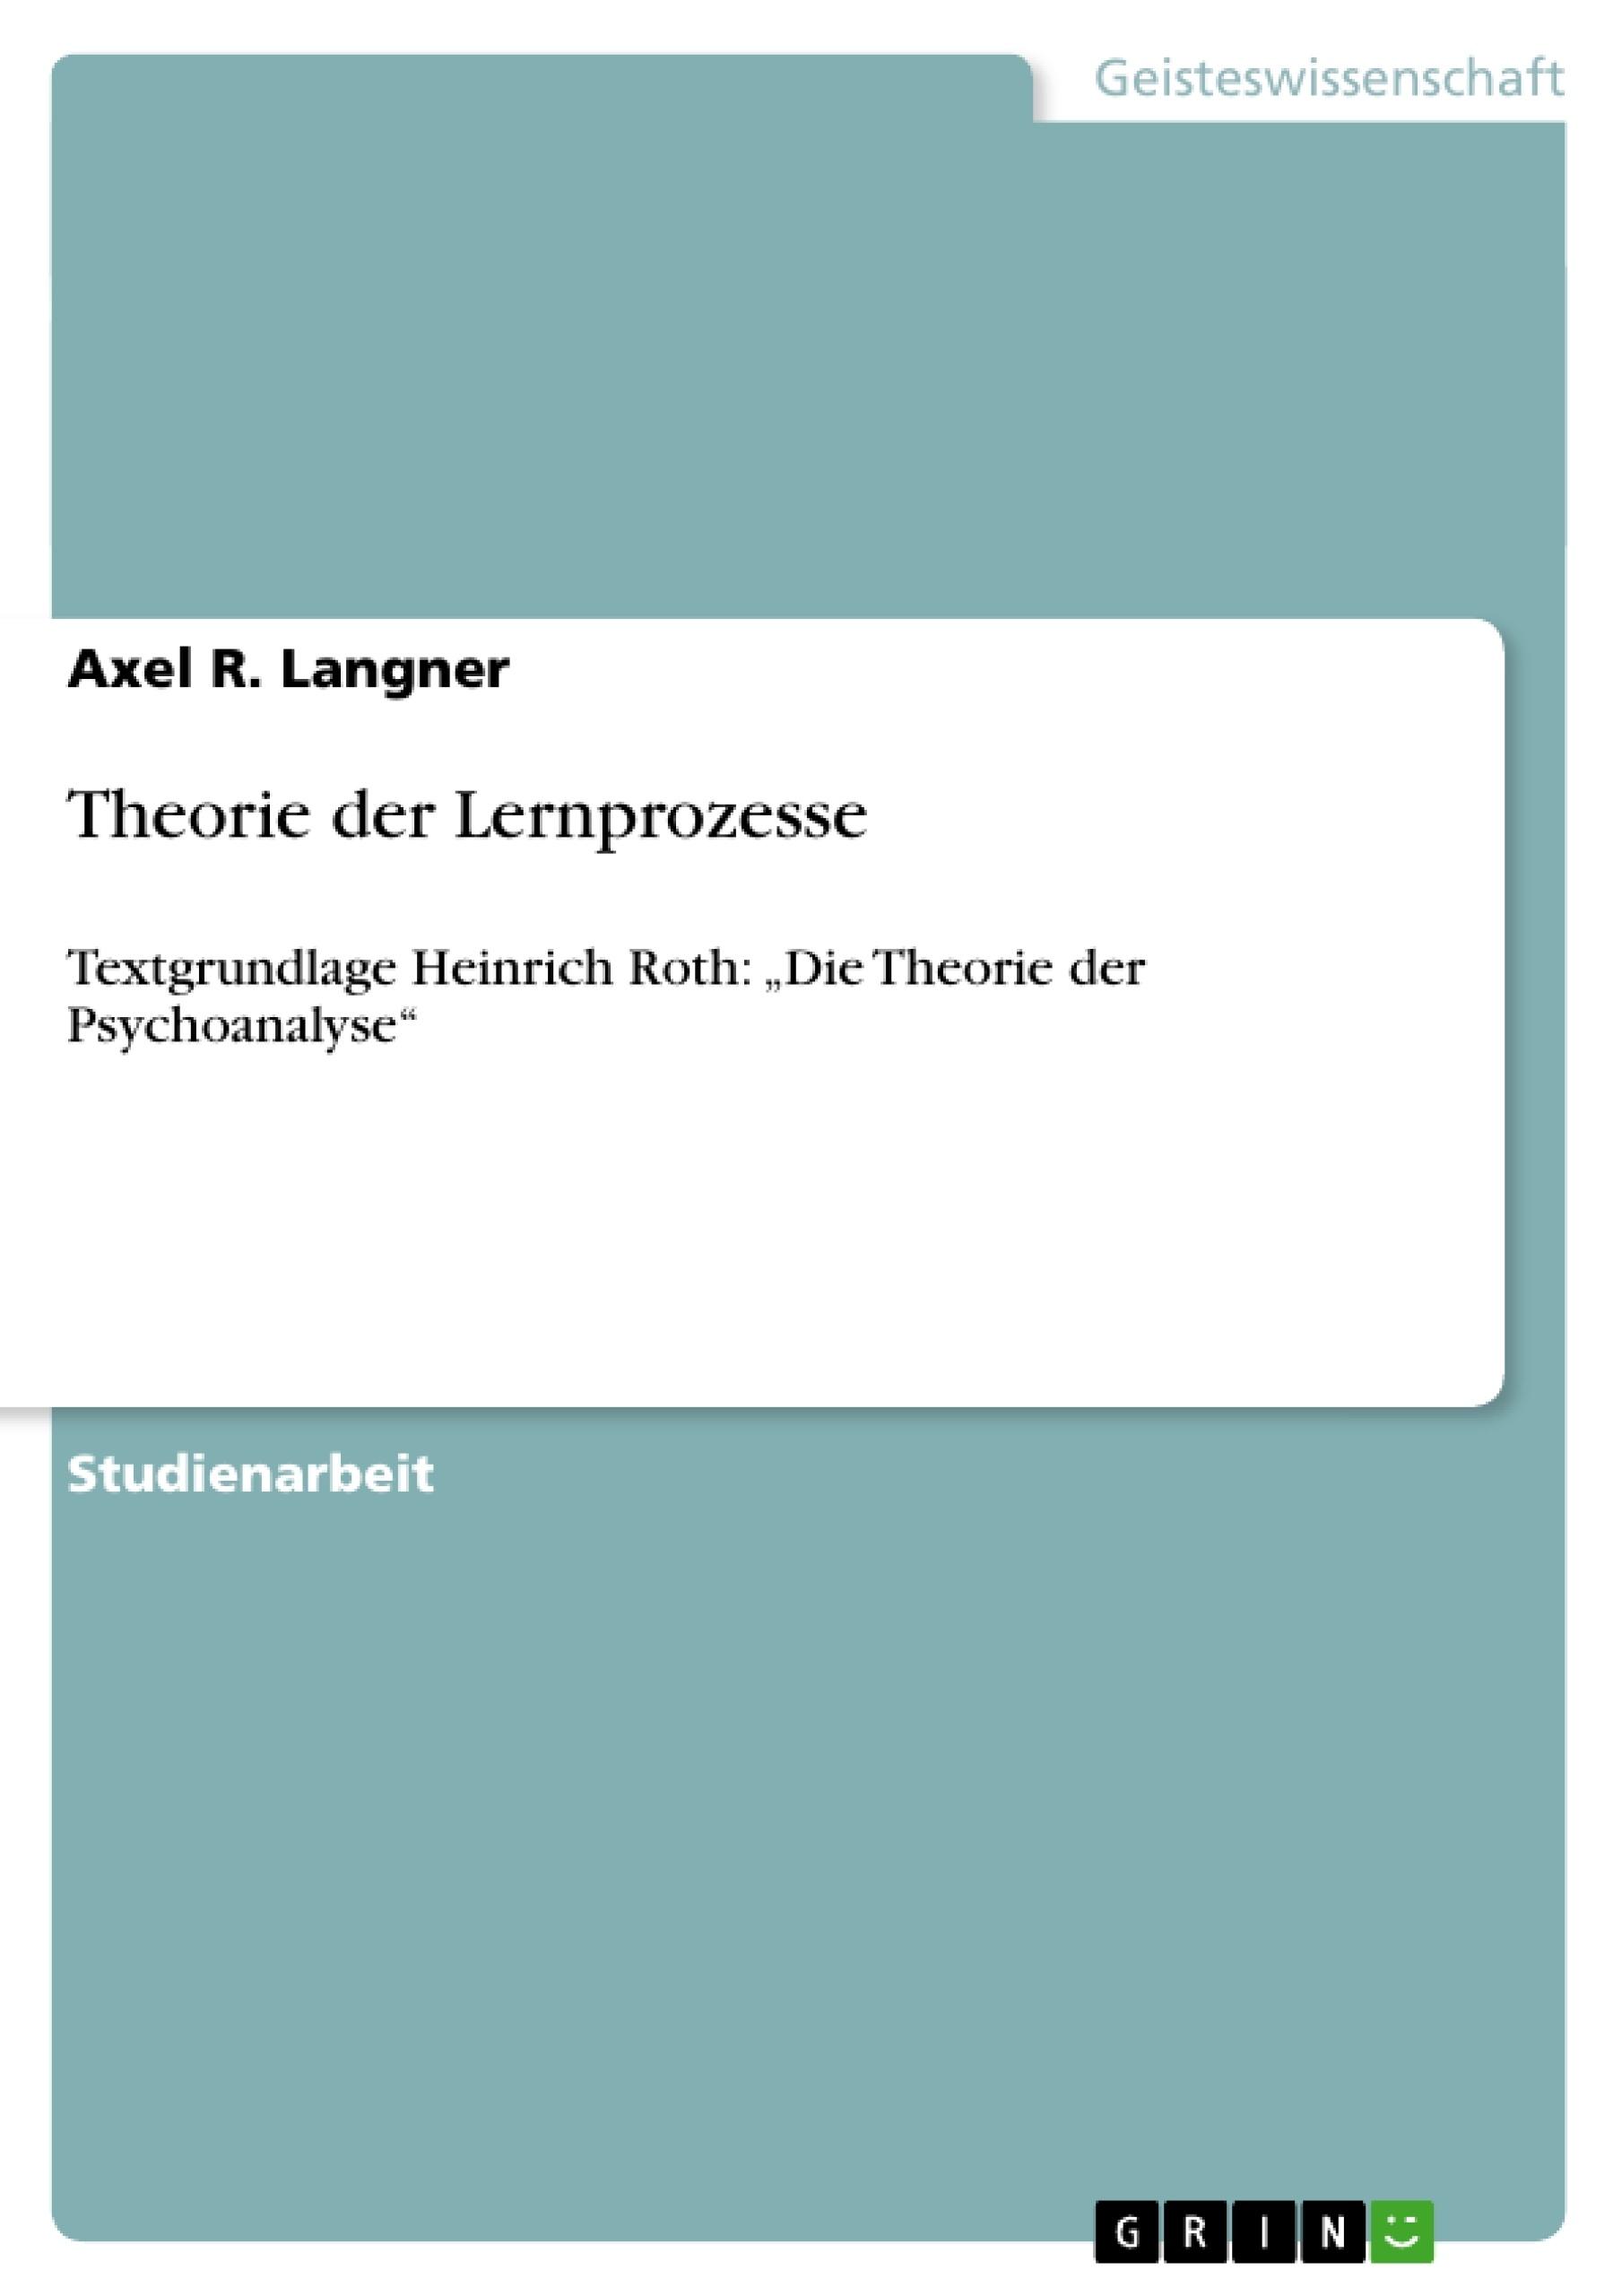 Titel: Theorie der Lernprozesse